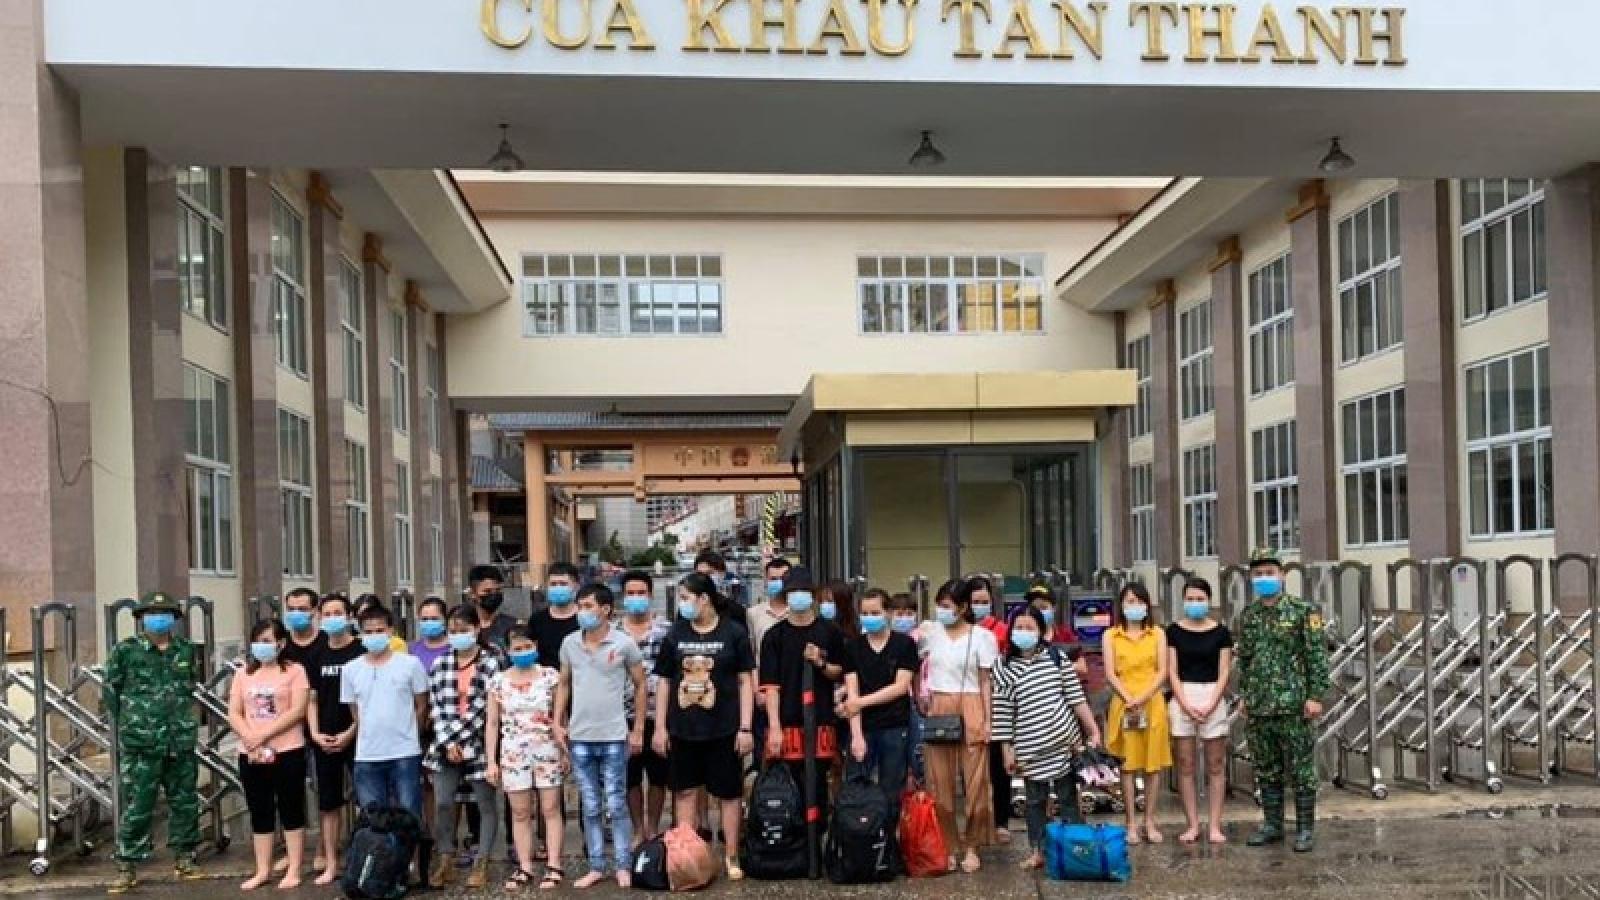 Lạng Sơn phát hiện 25 lao động nhập cảnh trái phép từ Trung Quốc